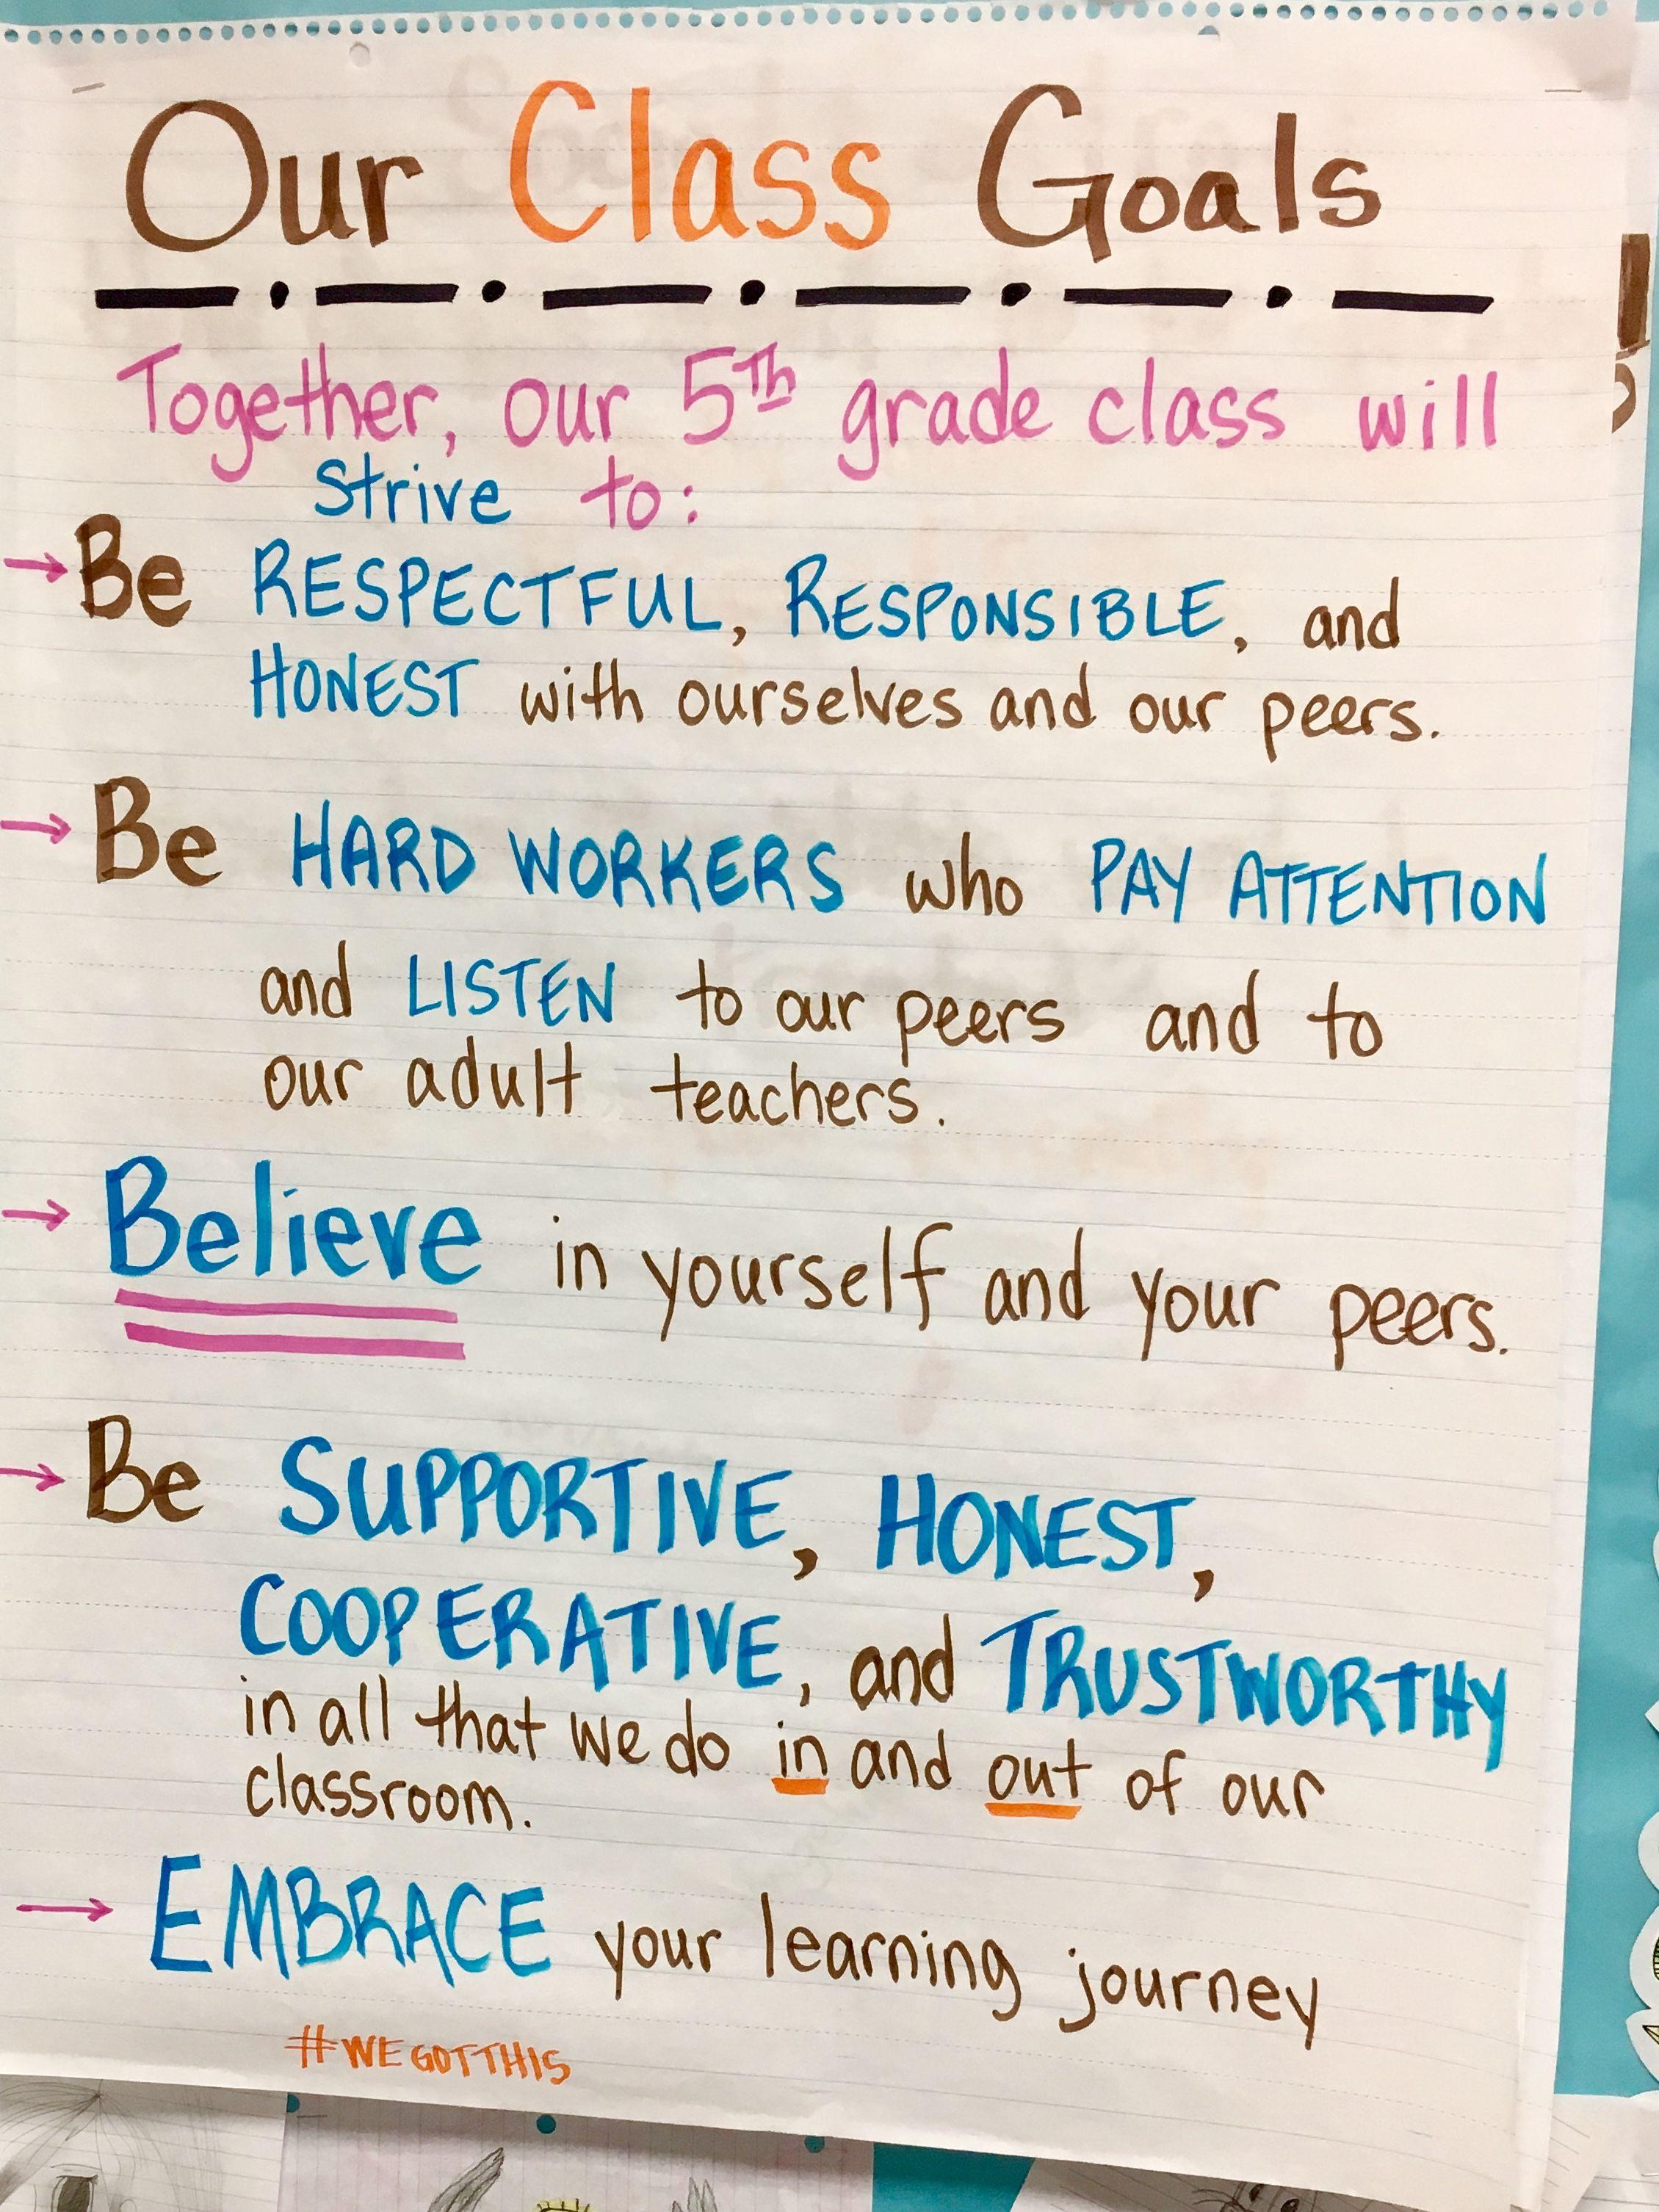 Our Class Goals 5th Grade